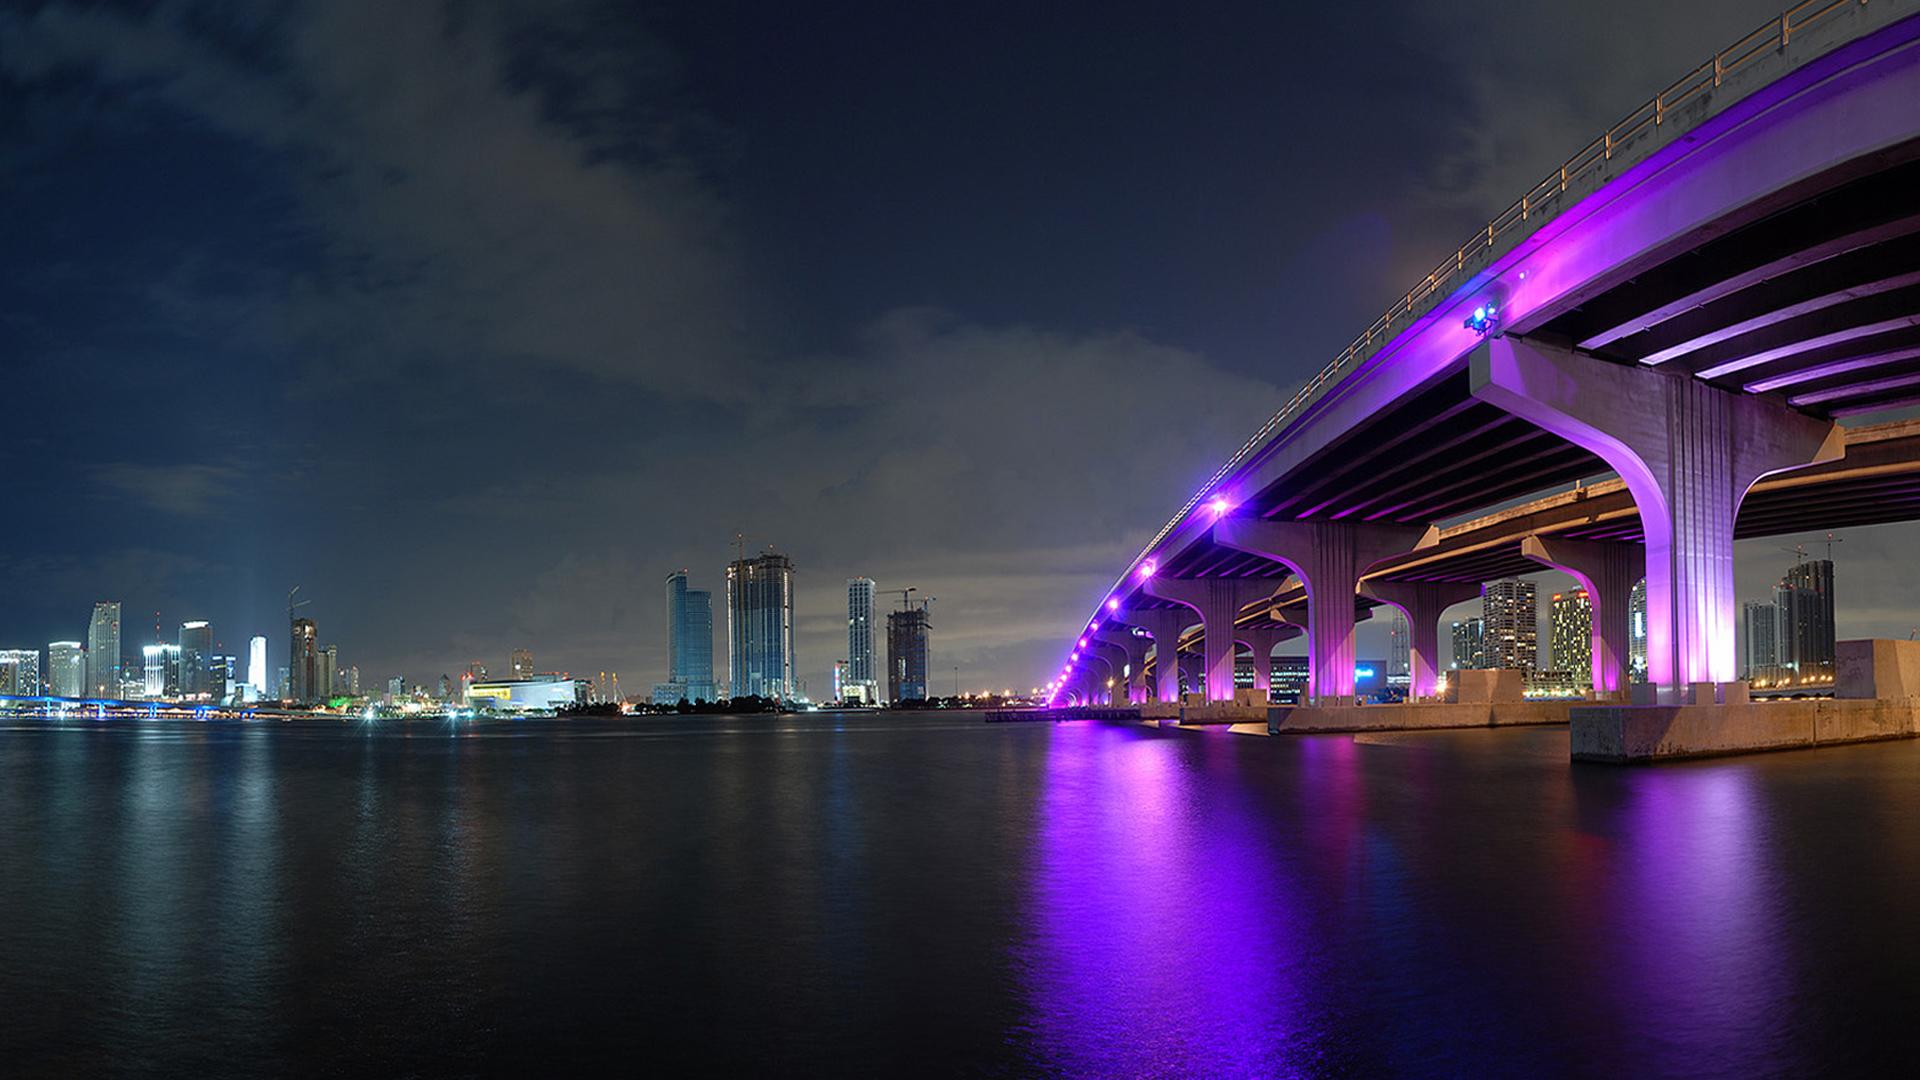 огни мост город ночь скачать